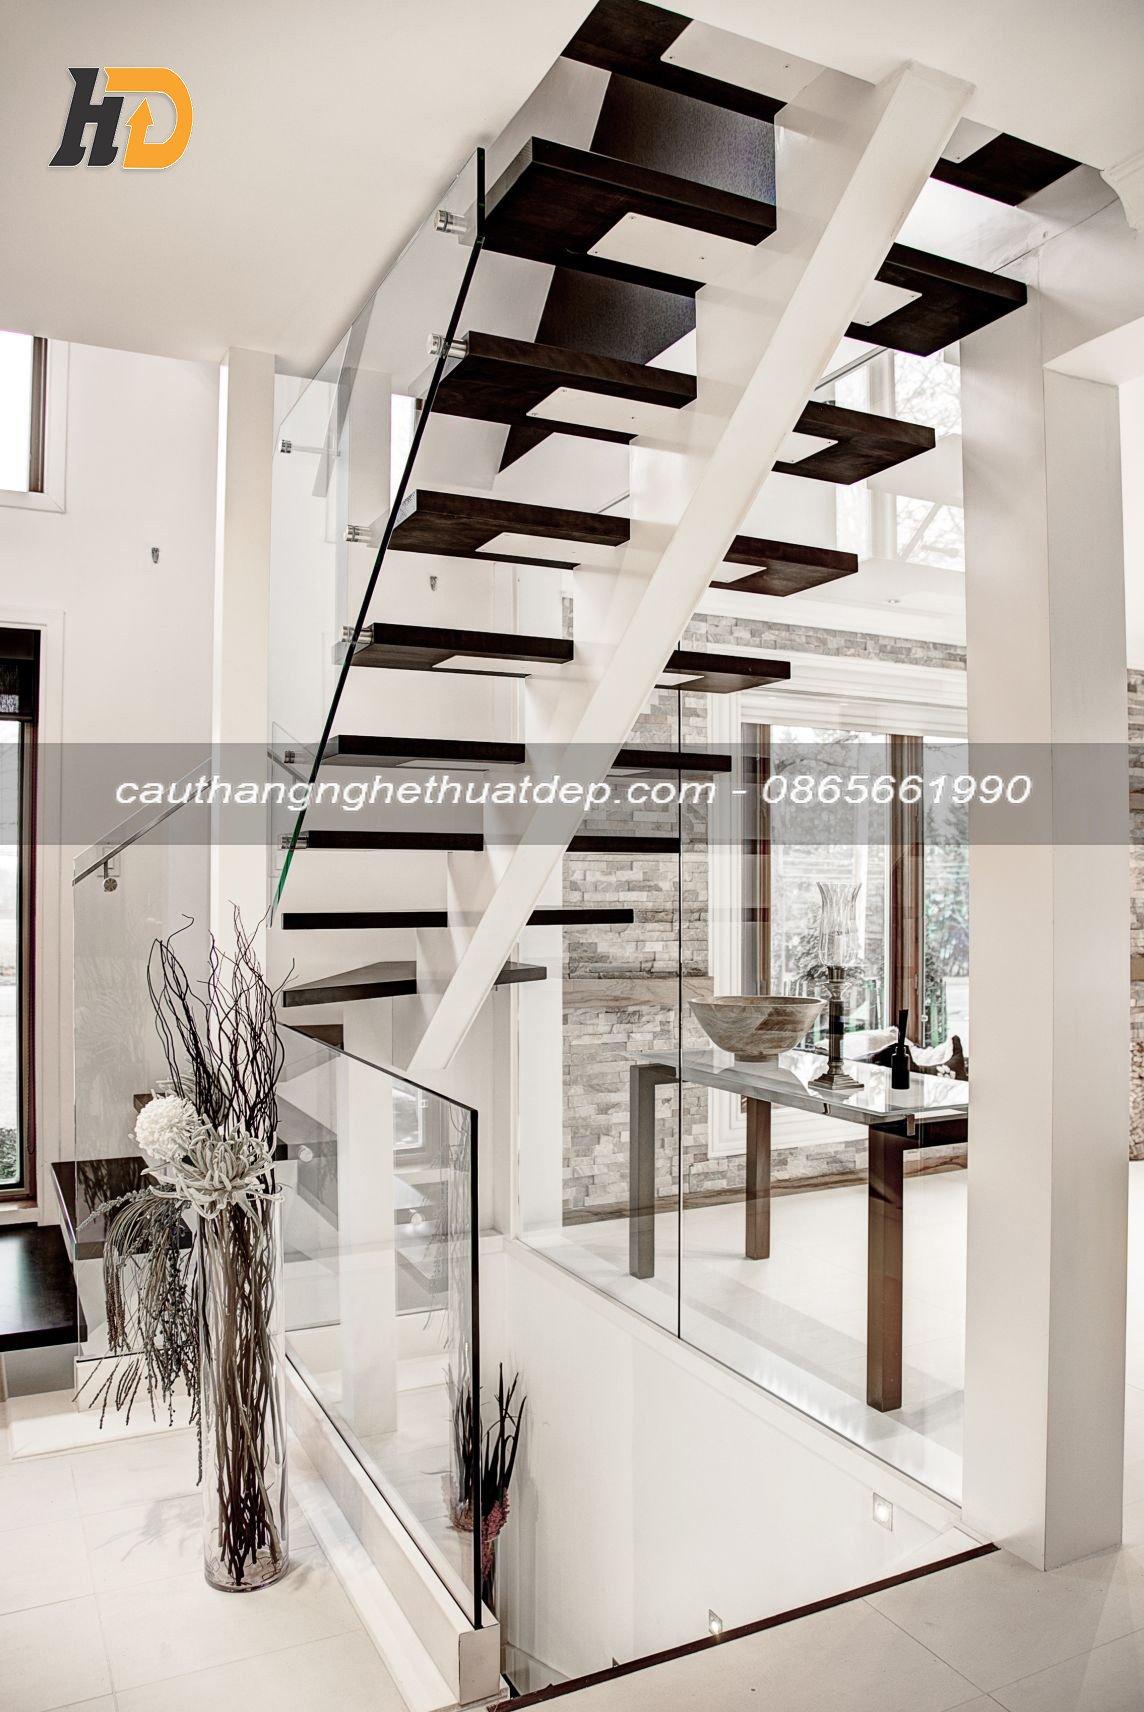 Cầu thang xương cá mang phong cách hiện đại, mềm mại